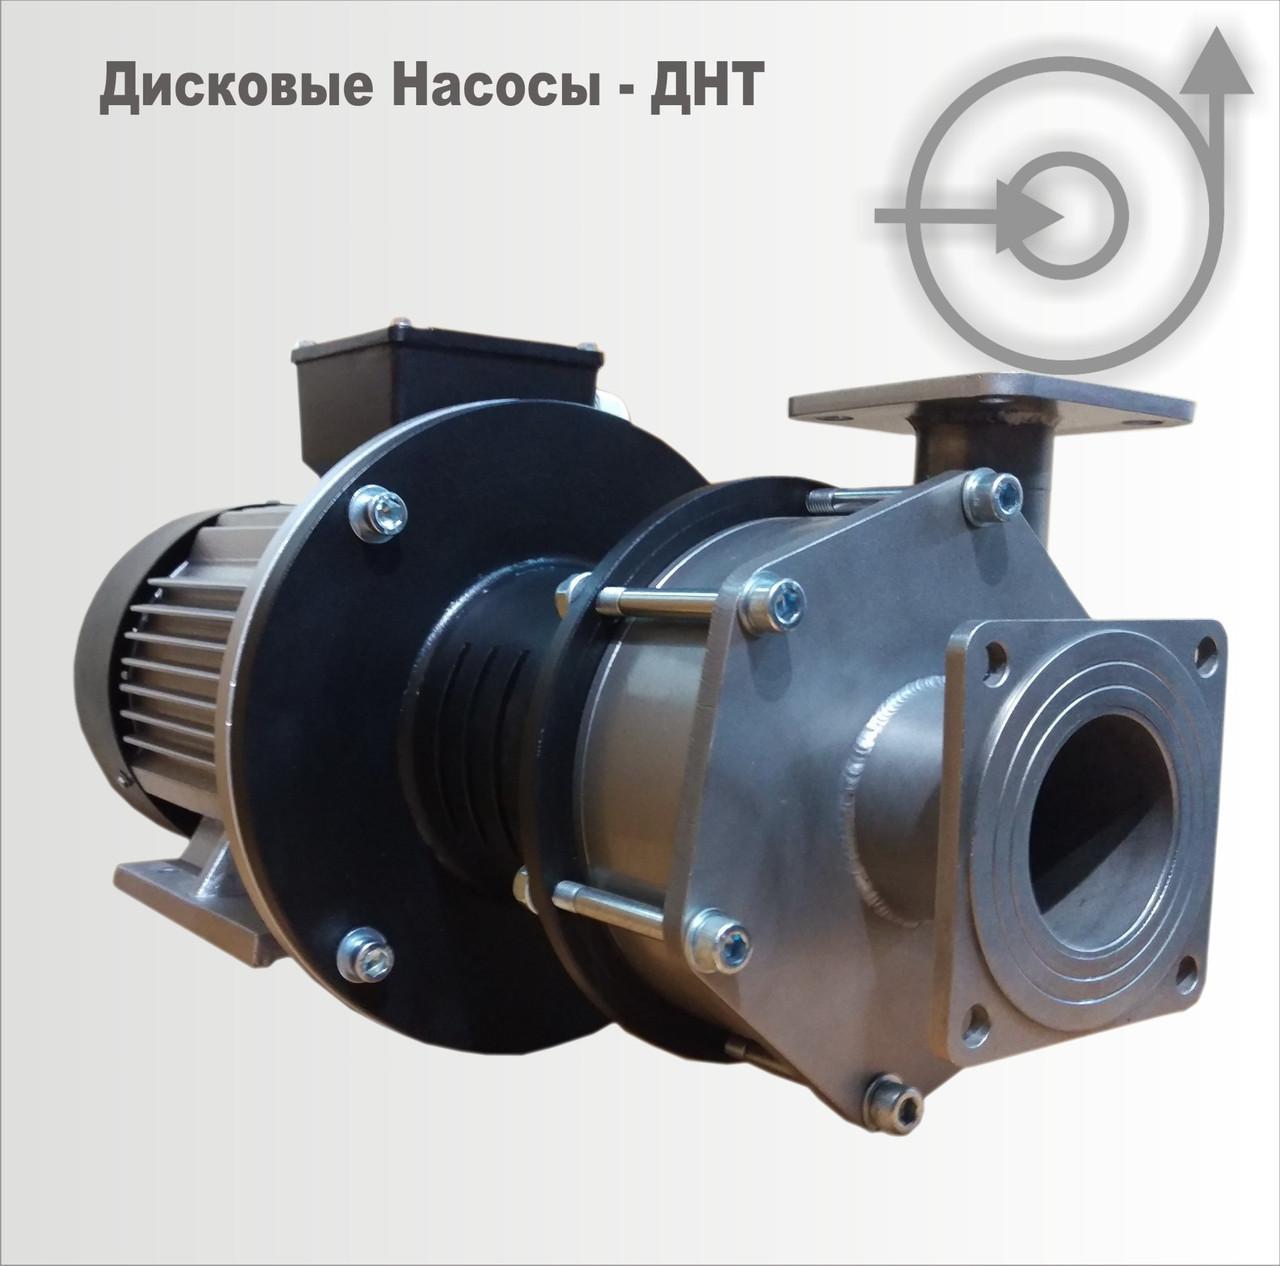 Дисковый насос ДНТ-М 230 50-40 ТУ нержавеющая сталь